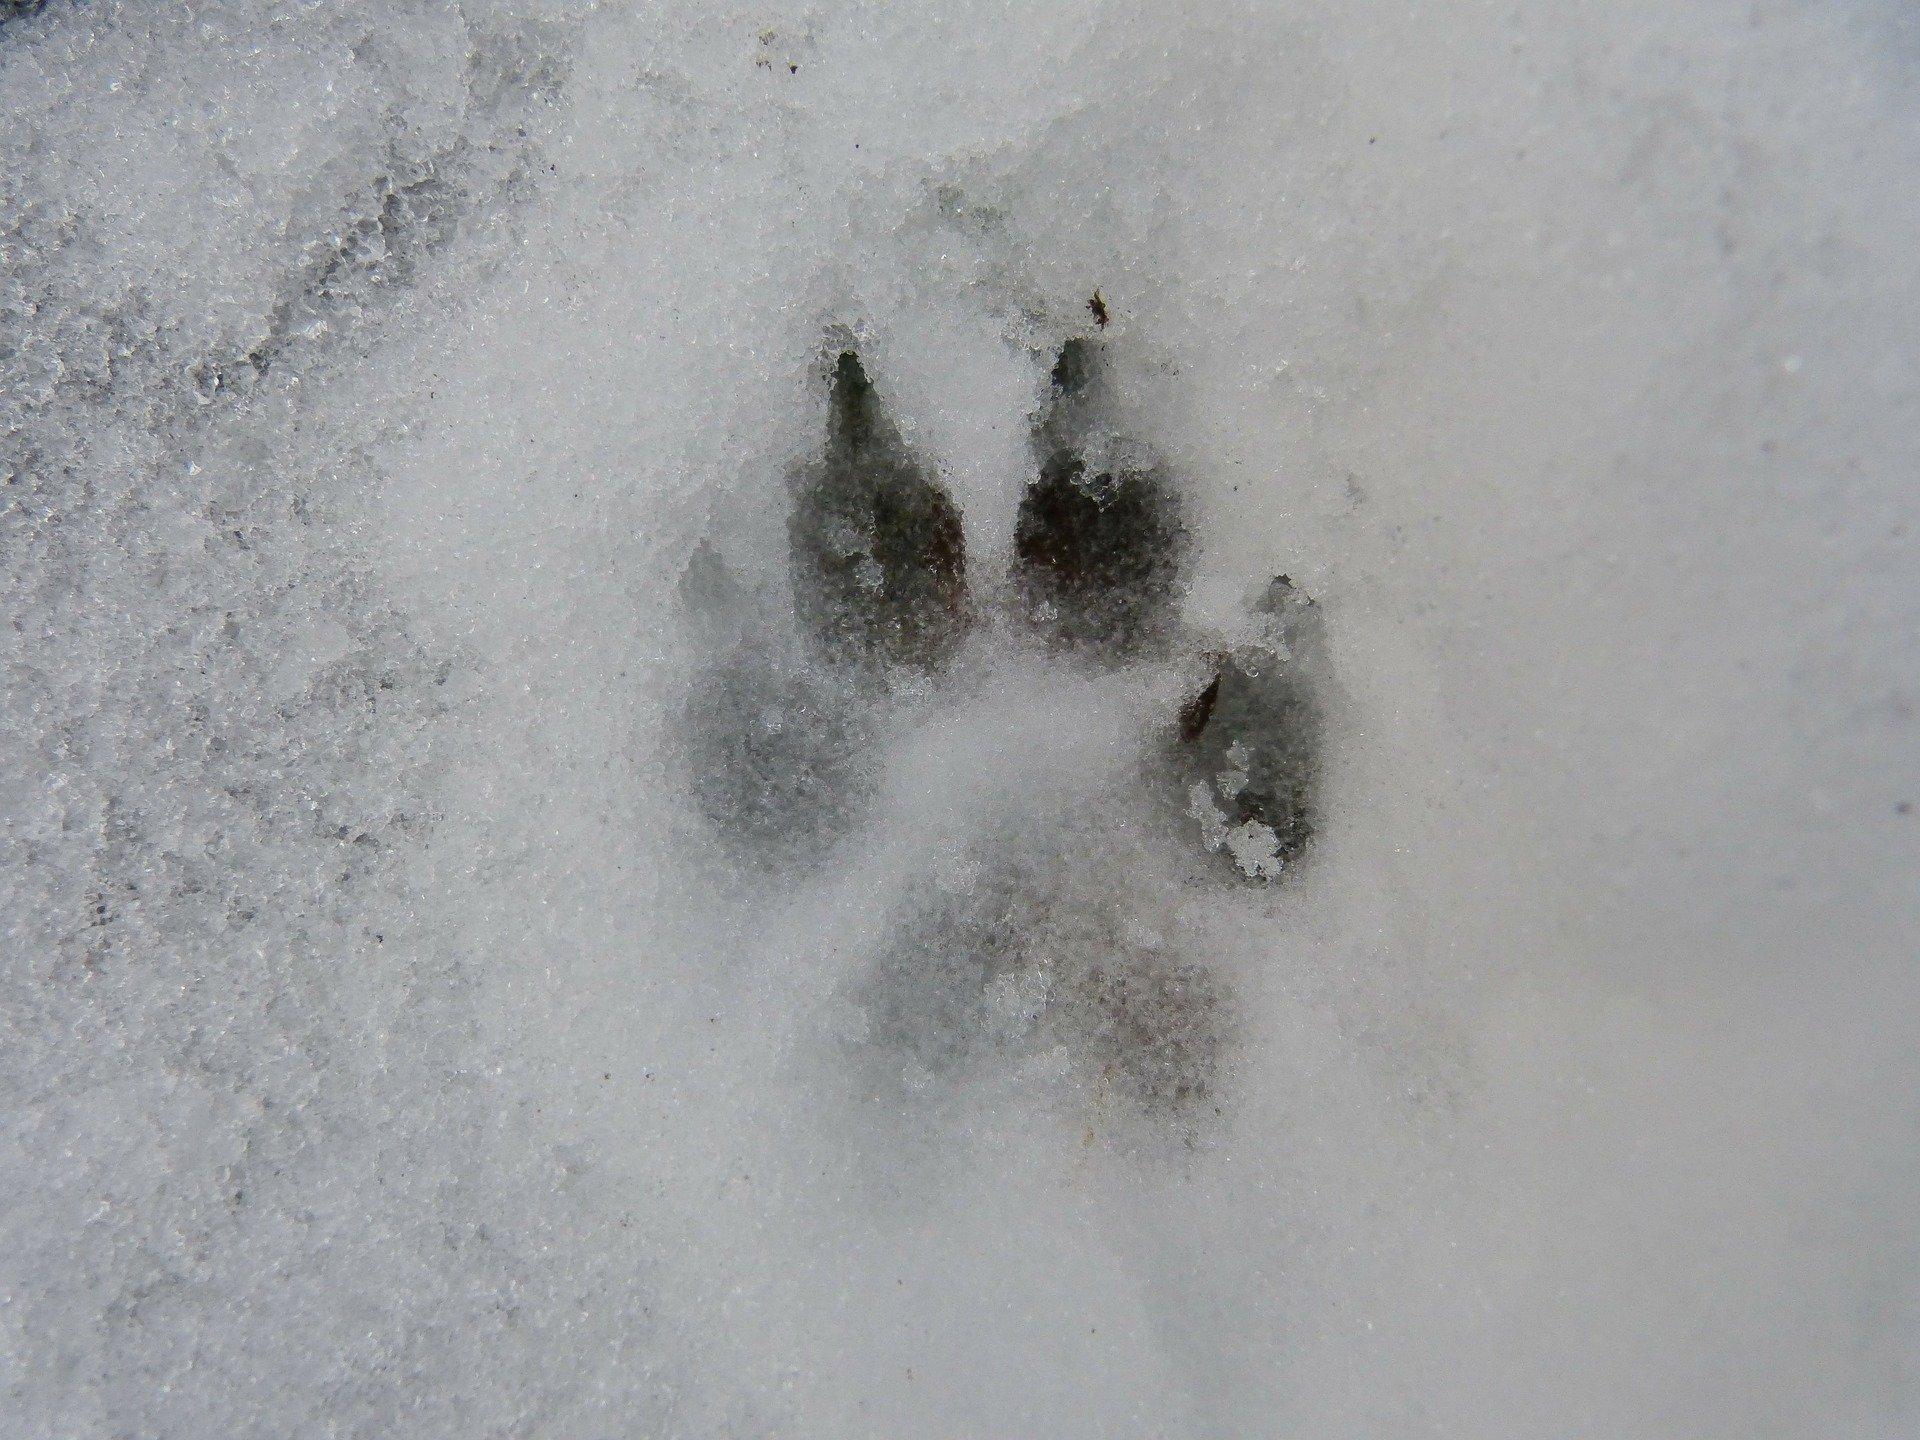 В Кировской области неизвестные расстреляли четырёх собак